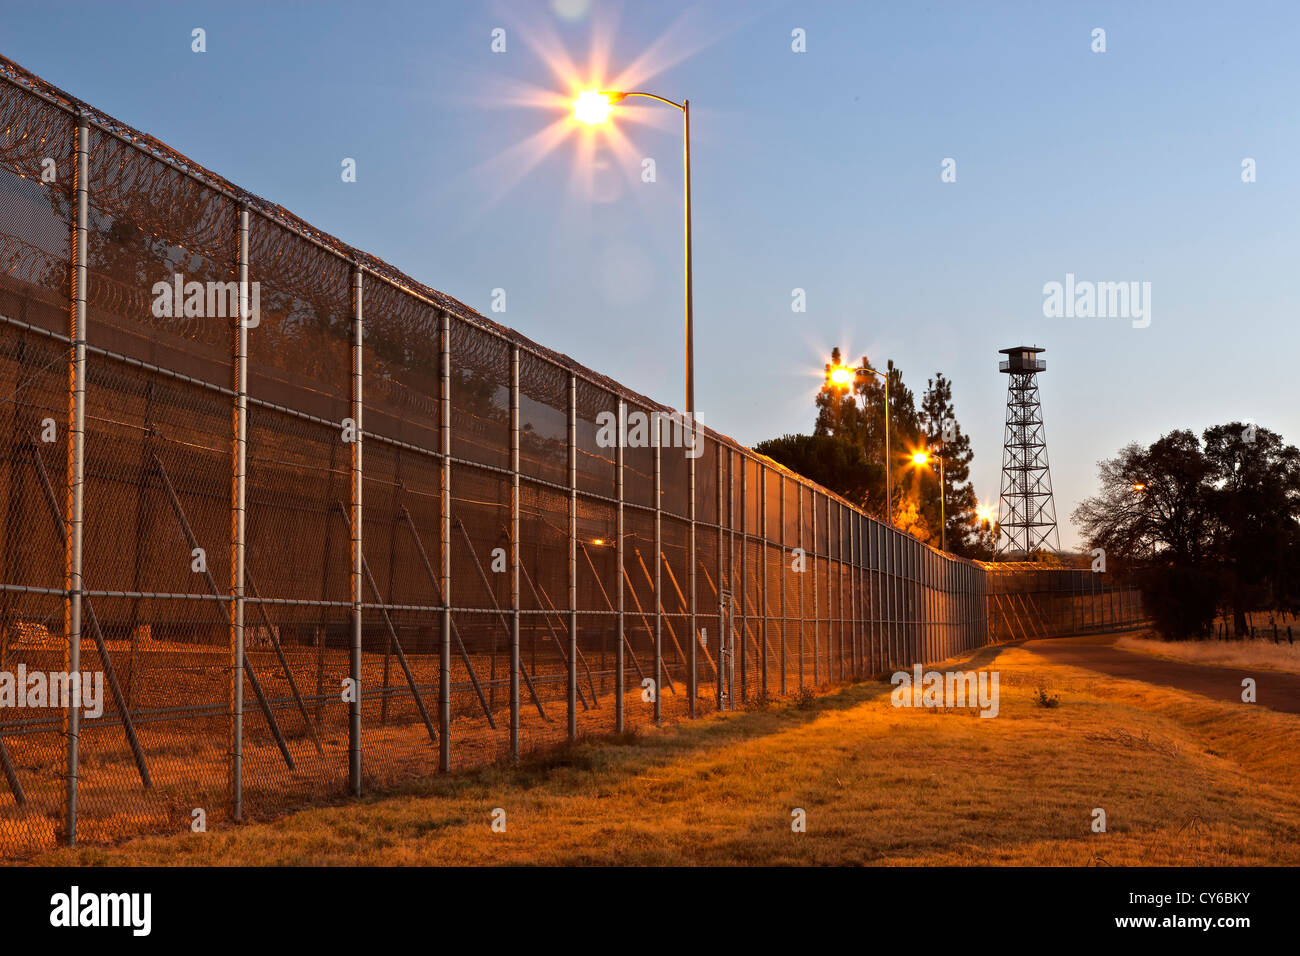 Clôture de sécurité pénitentiaire, tour, avant le lever du soleil. Photo Stock